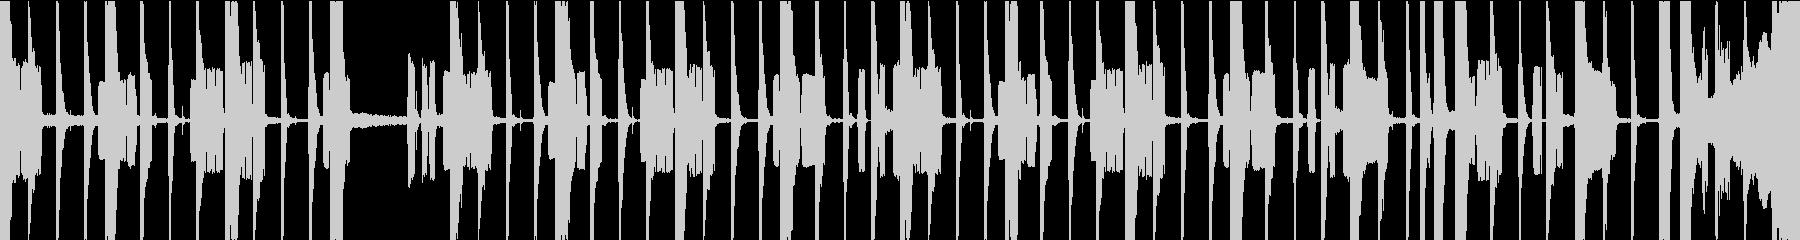 レコード風なLo-fiシンセのファンクの未再生の波形